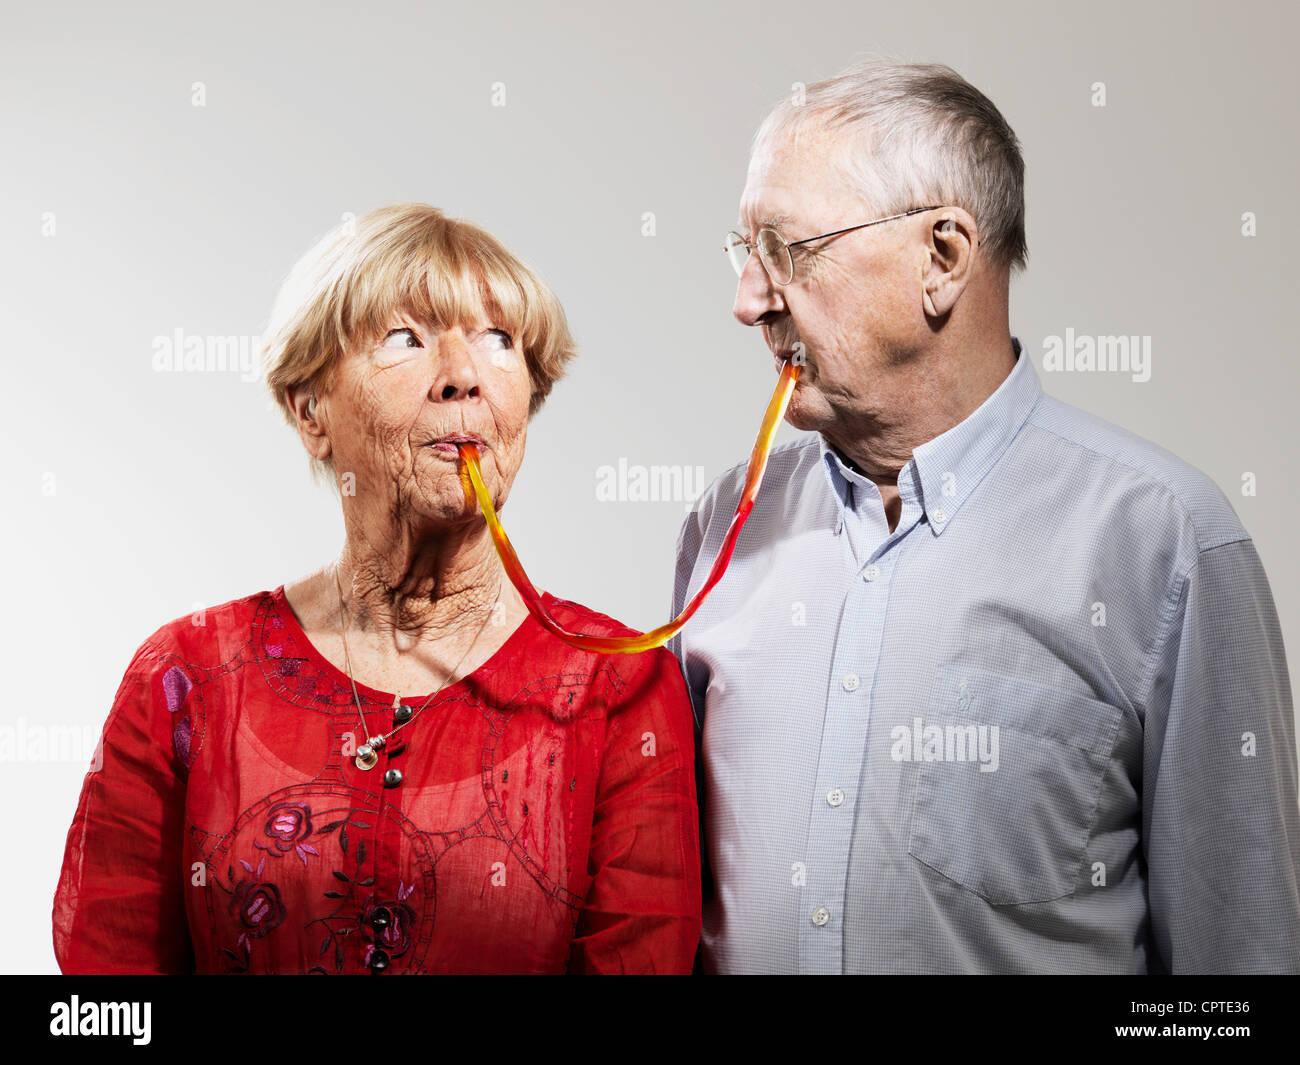 Compartilhamento de casal sênior de confeitaria contra fundo branco Imagens de Stock